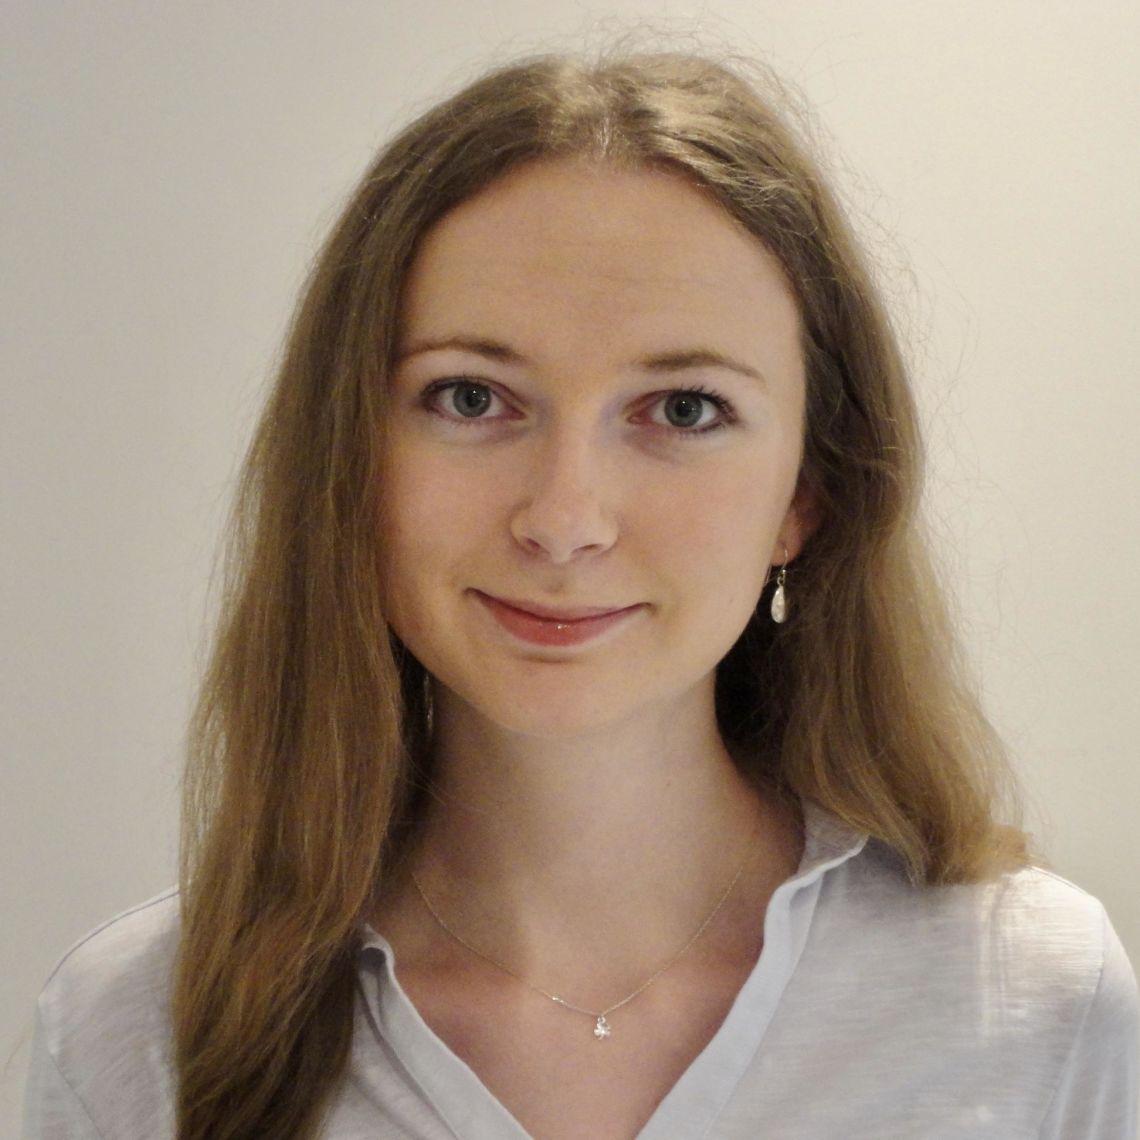 Emily Hogg